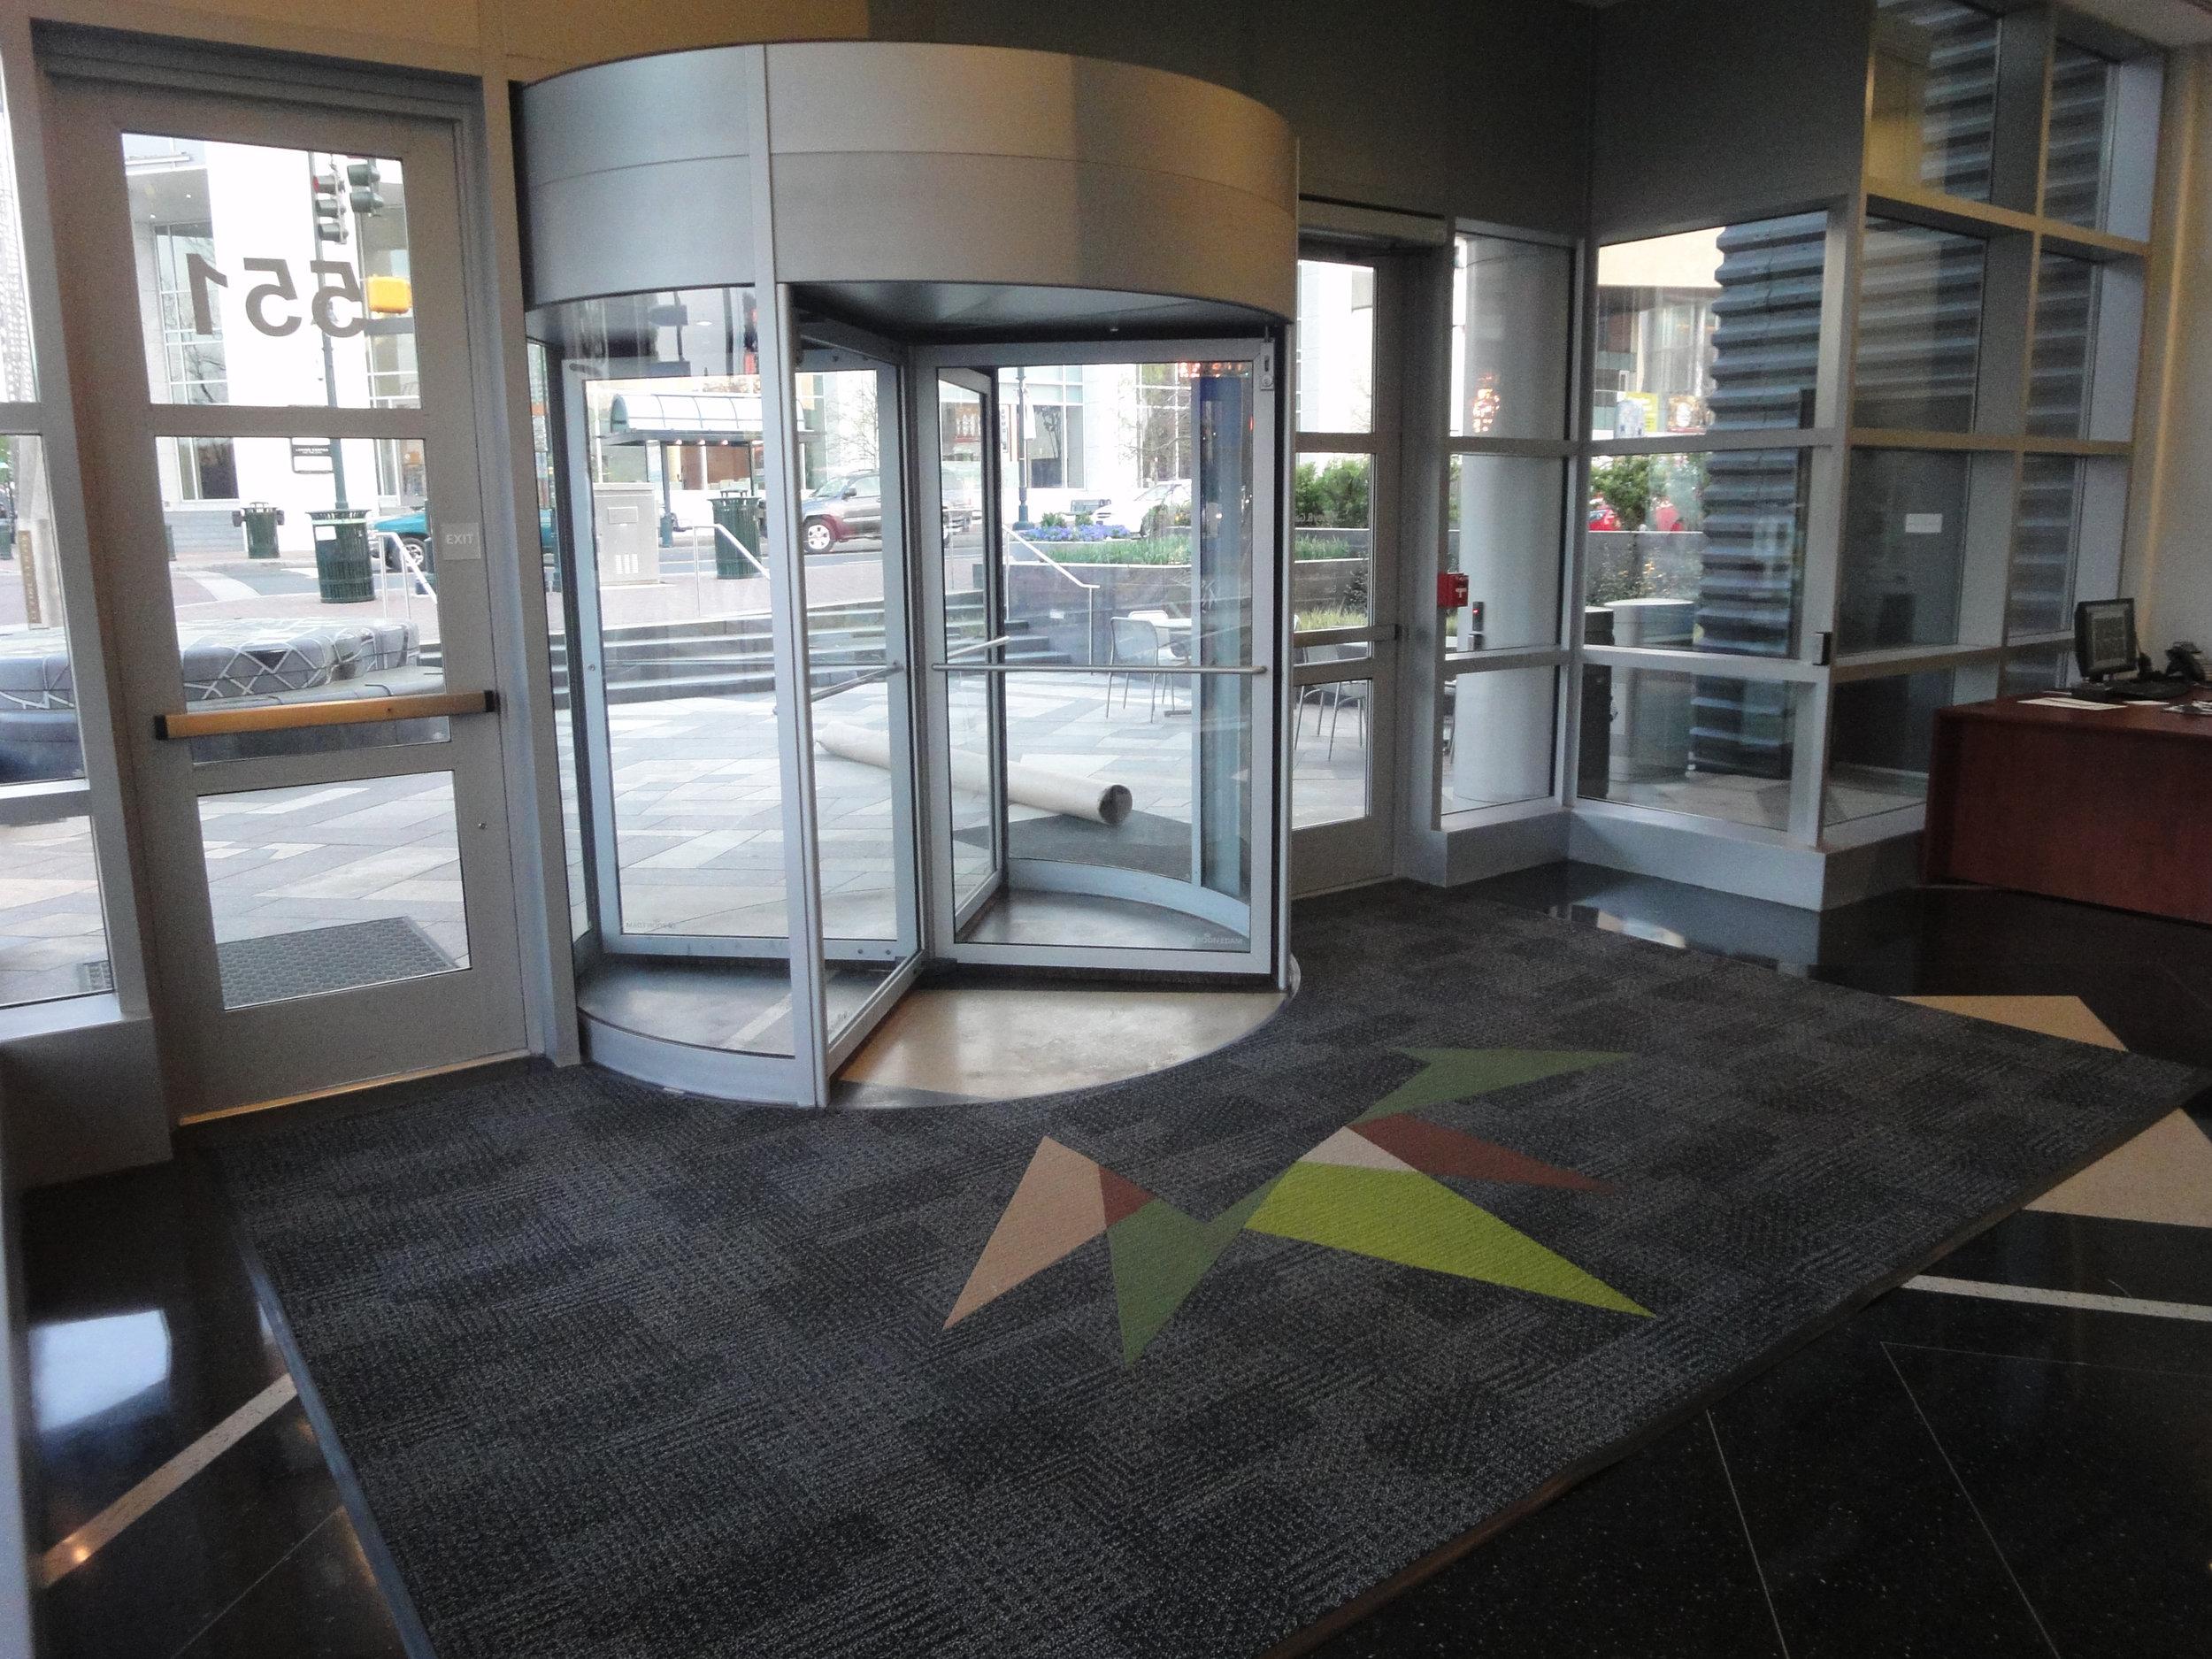 Gantt Center Entrance.jpg